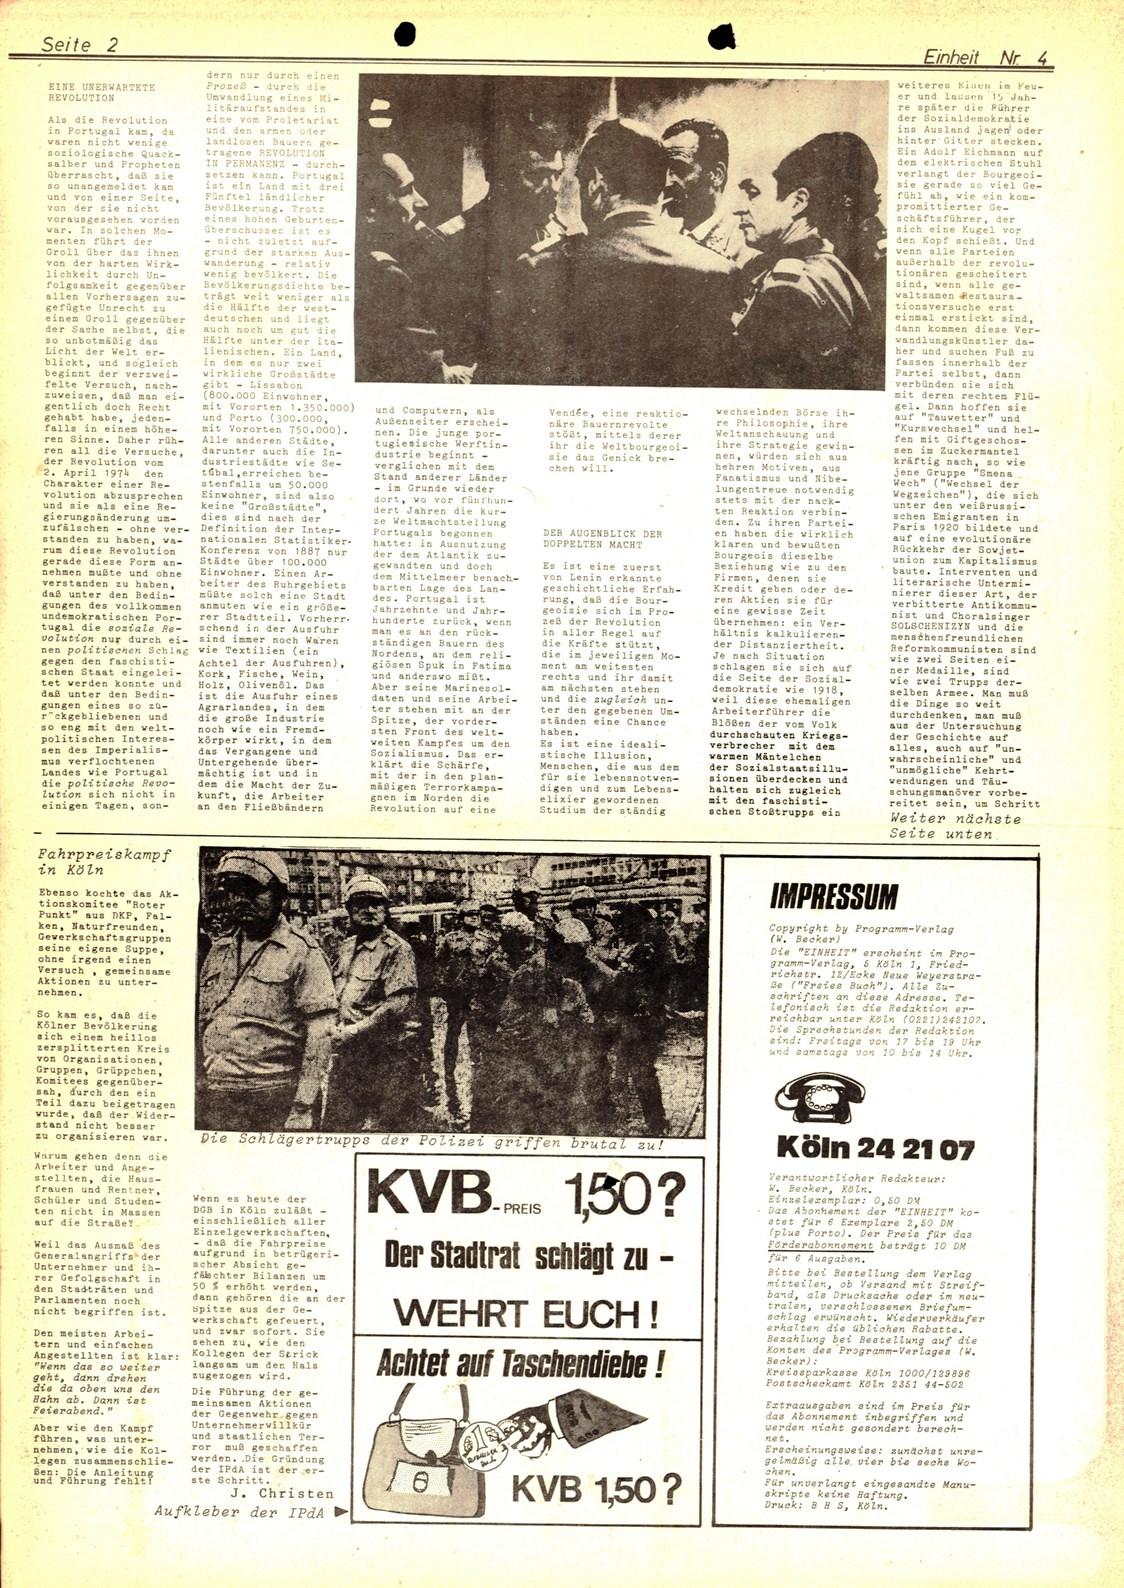 Koeln_IPdA_Einheit_1975_004_002